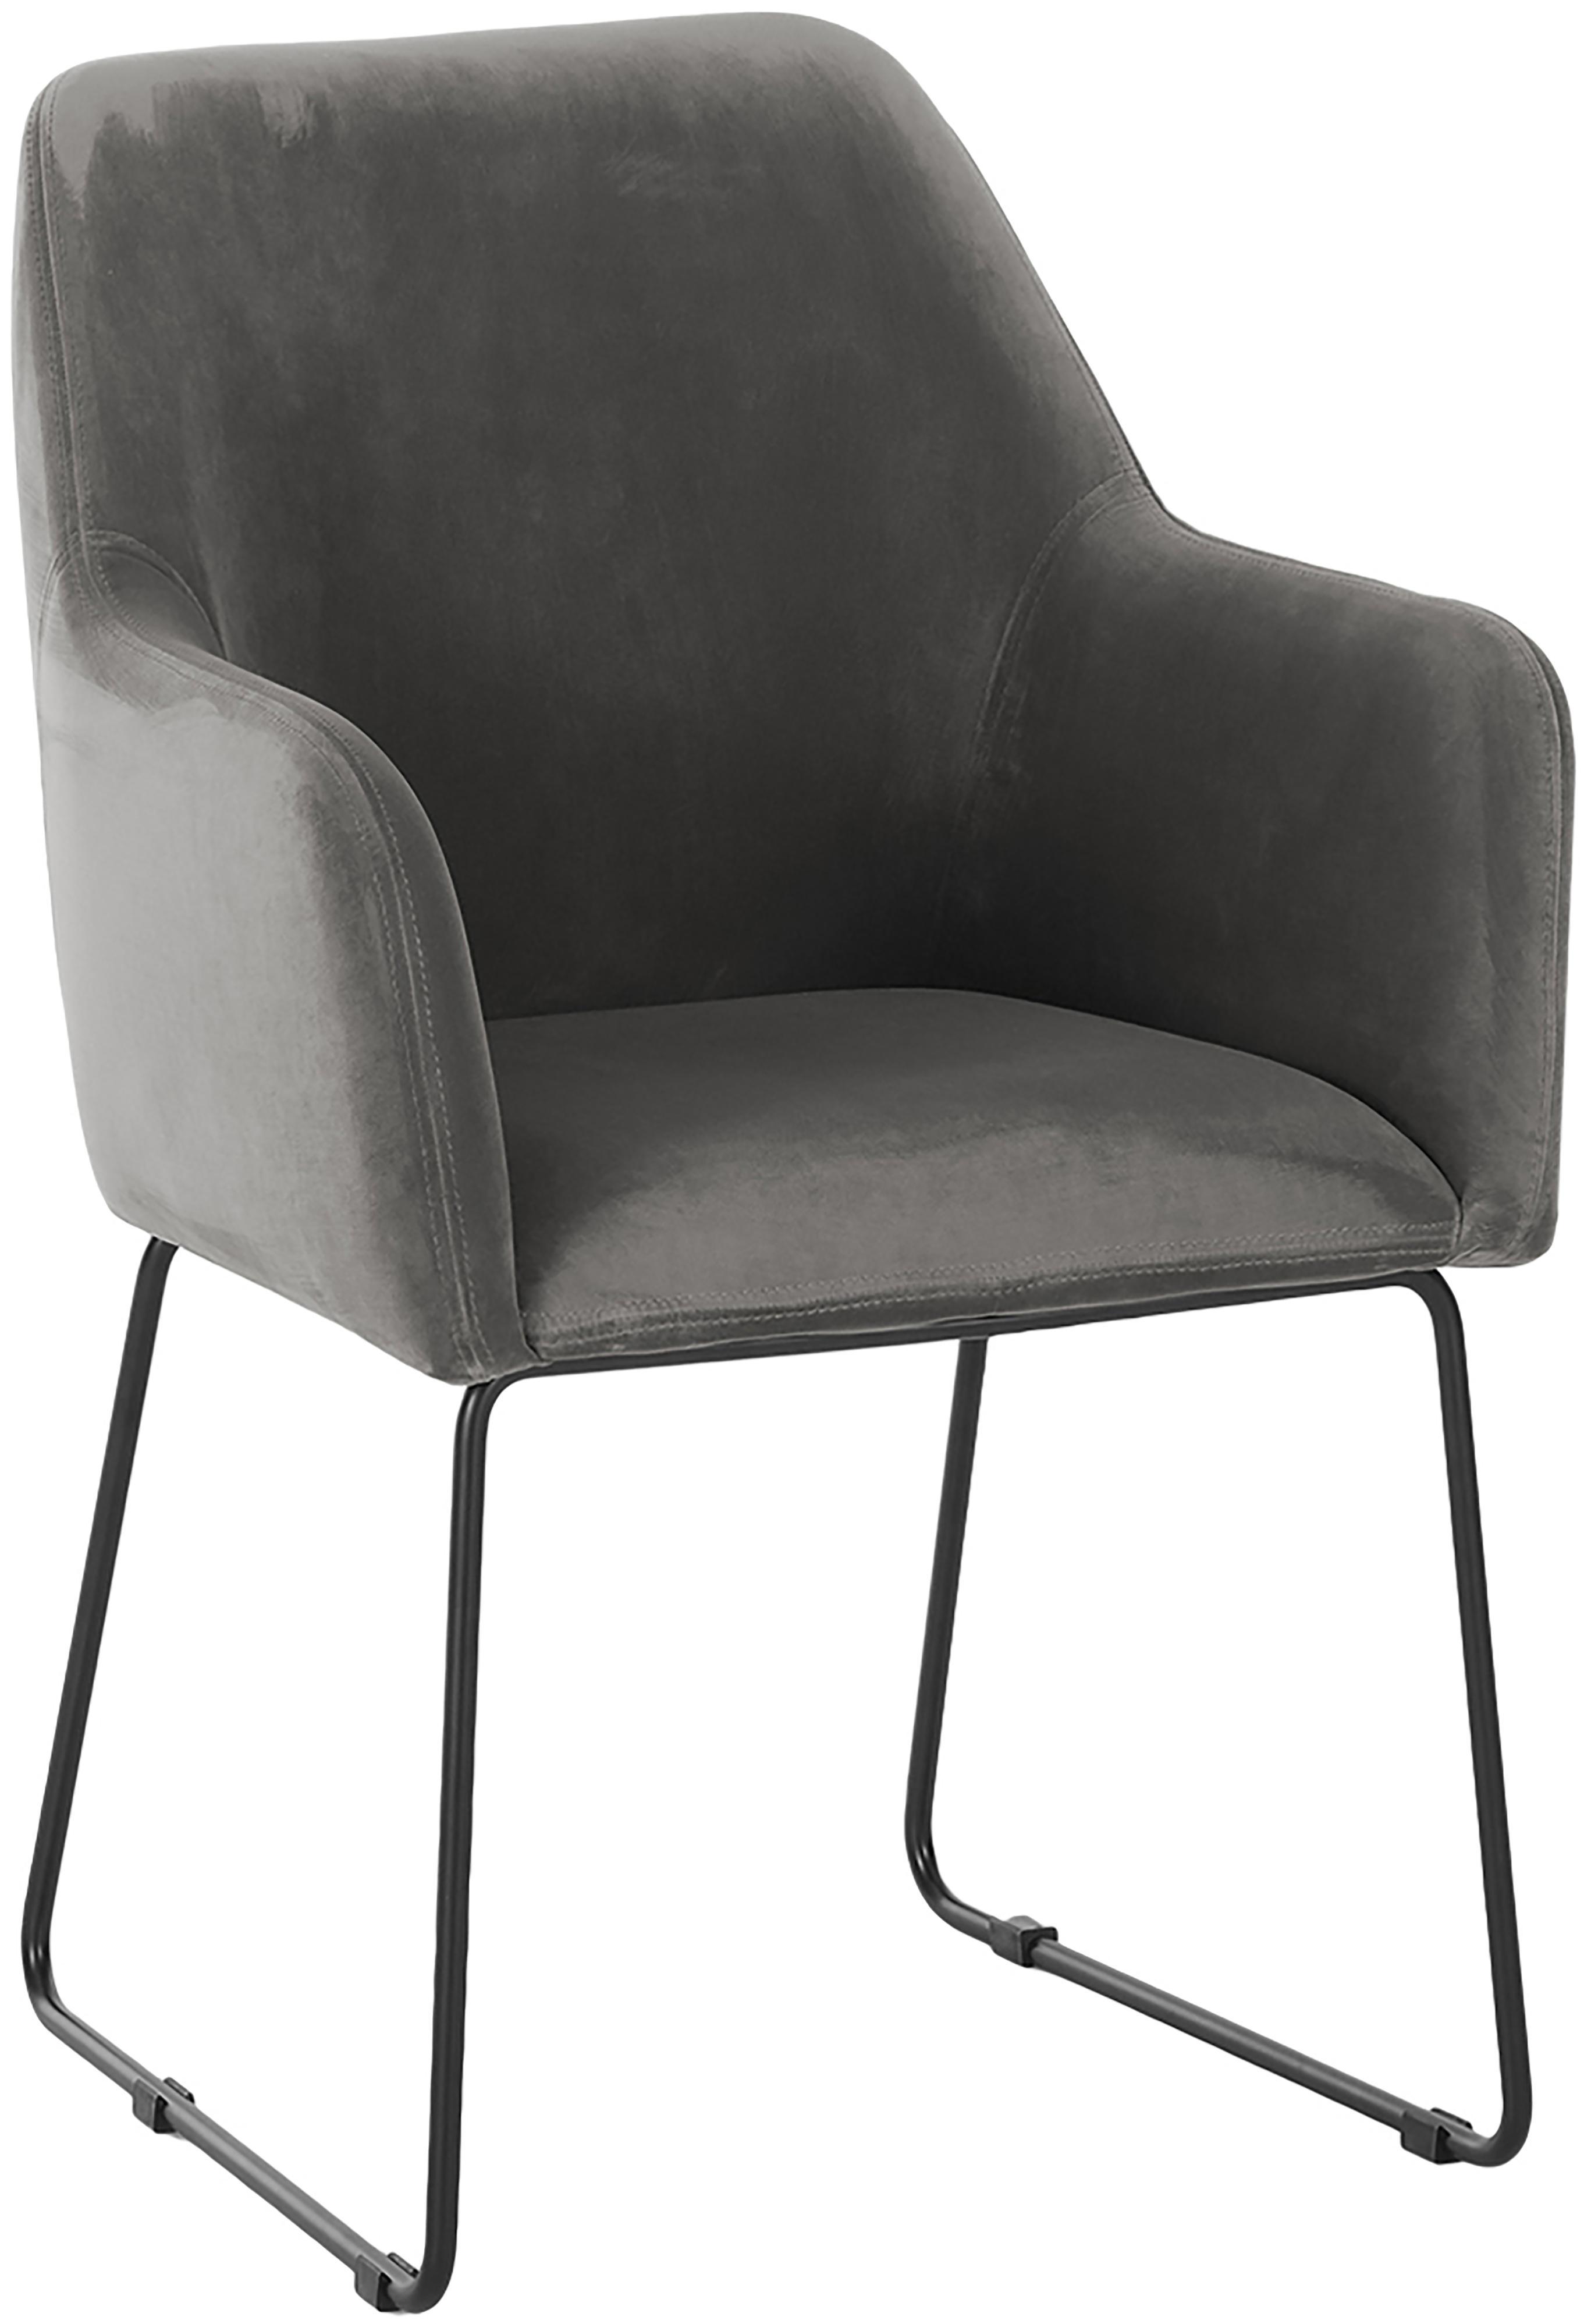 Fluwelen armstoel Isla, Bekleding: fluweel (polyester) De be, Poten: gepoedercoat metaal, Fluweel steengrijs, poten zwart, B 58 x D 62 cm